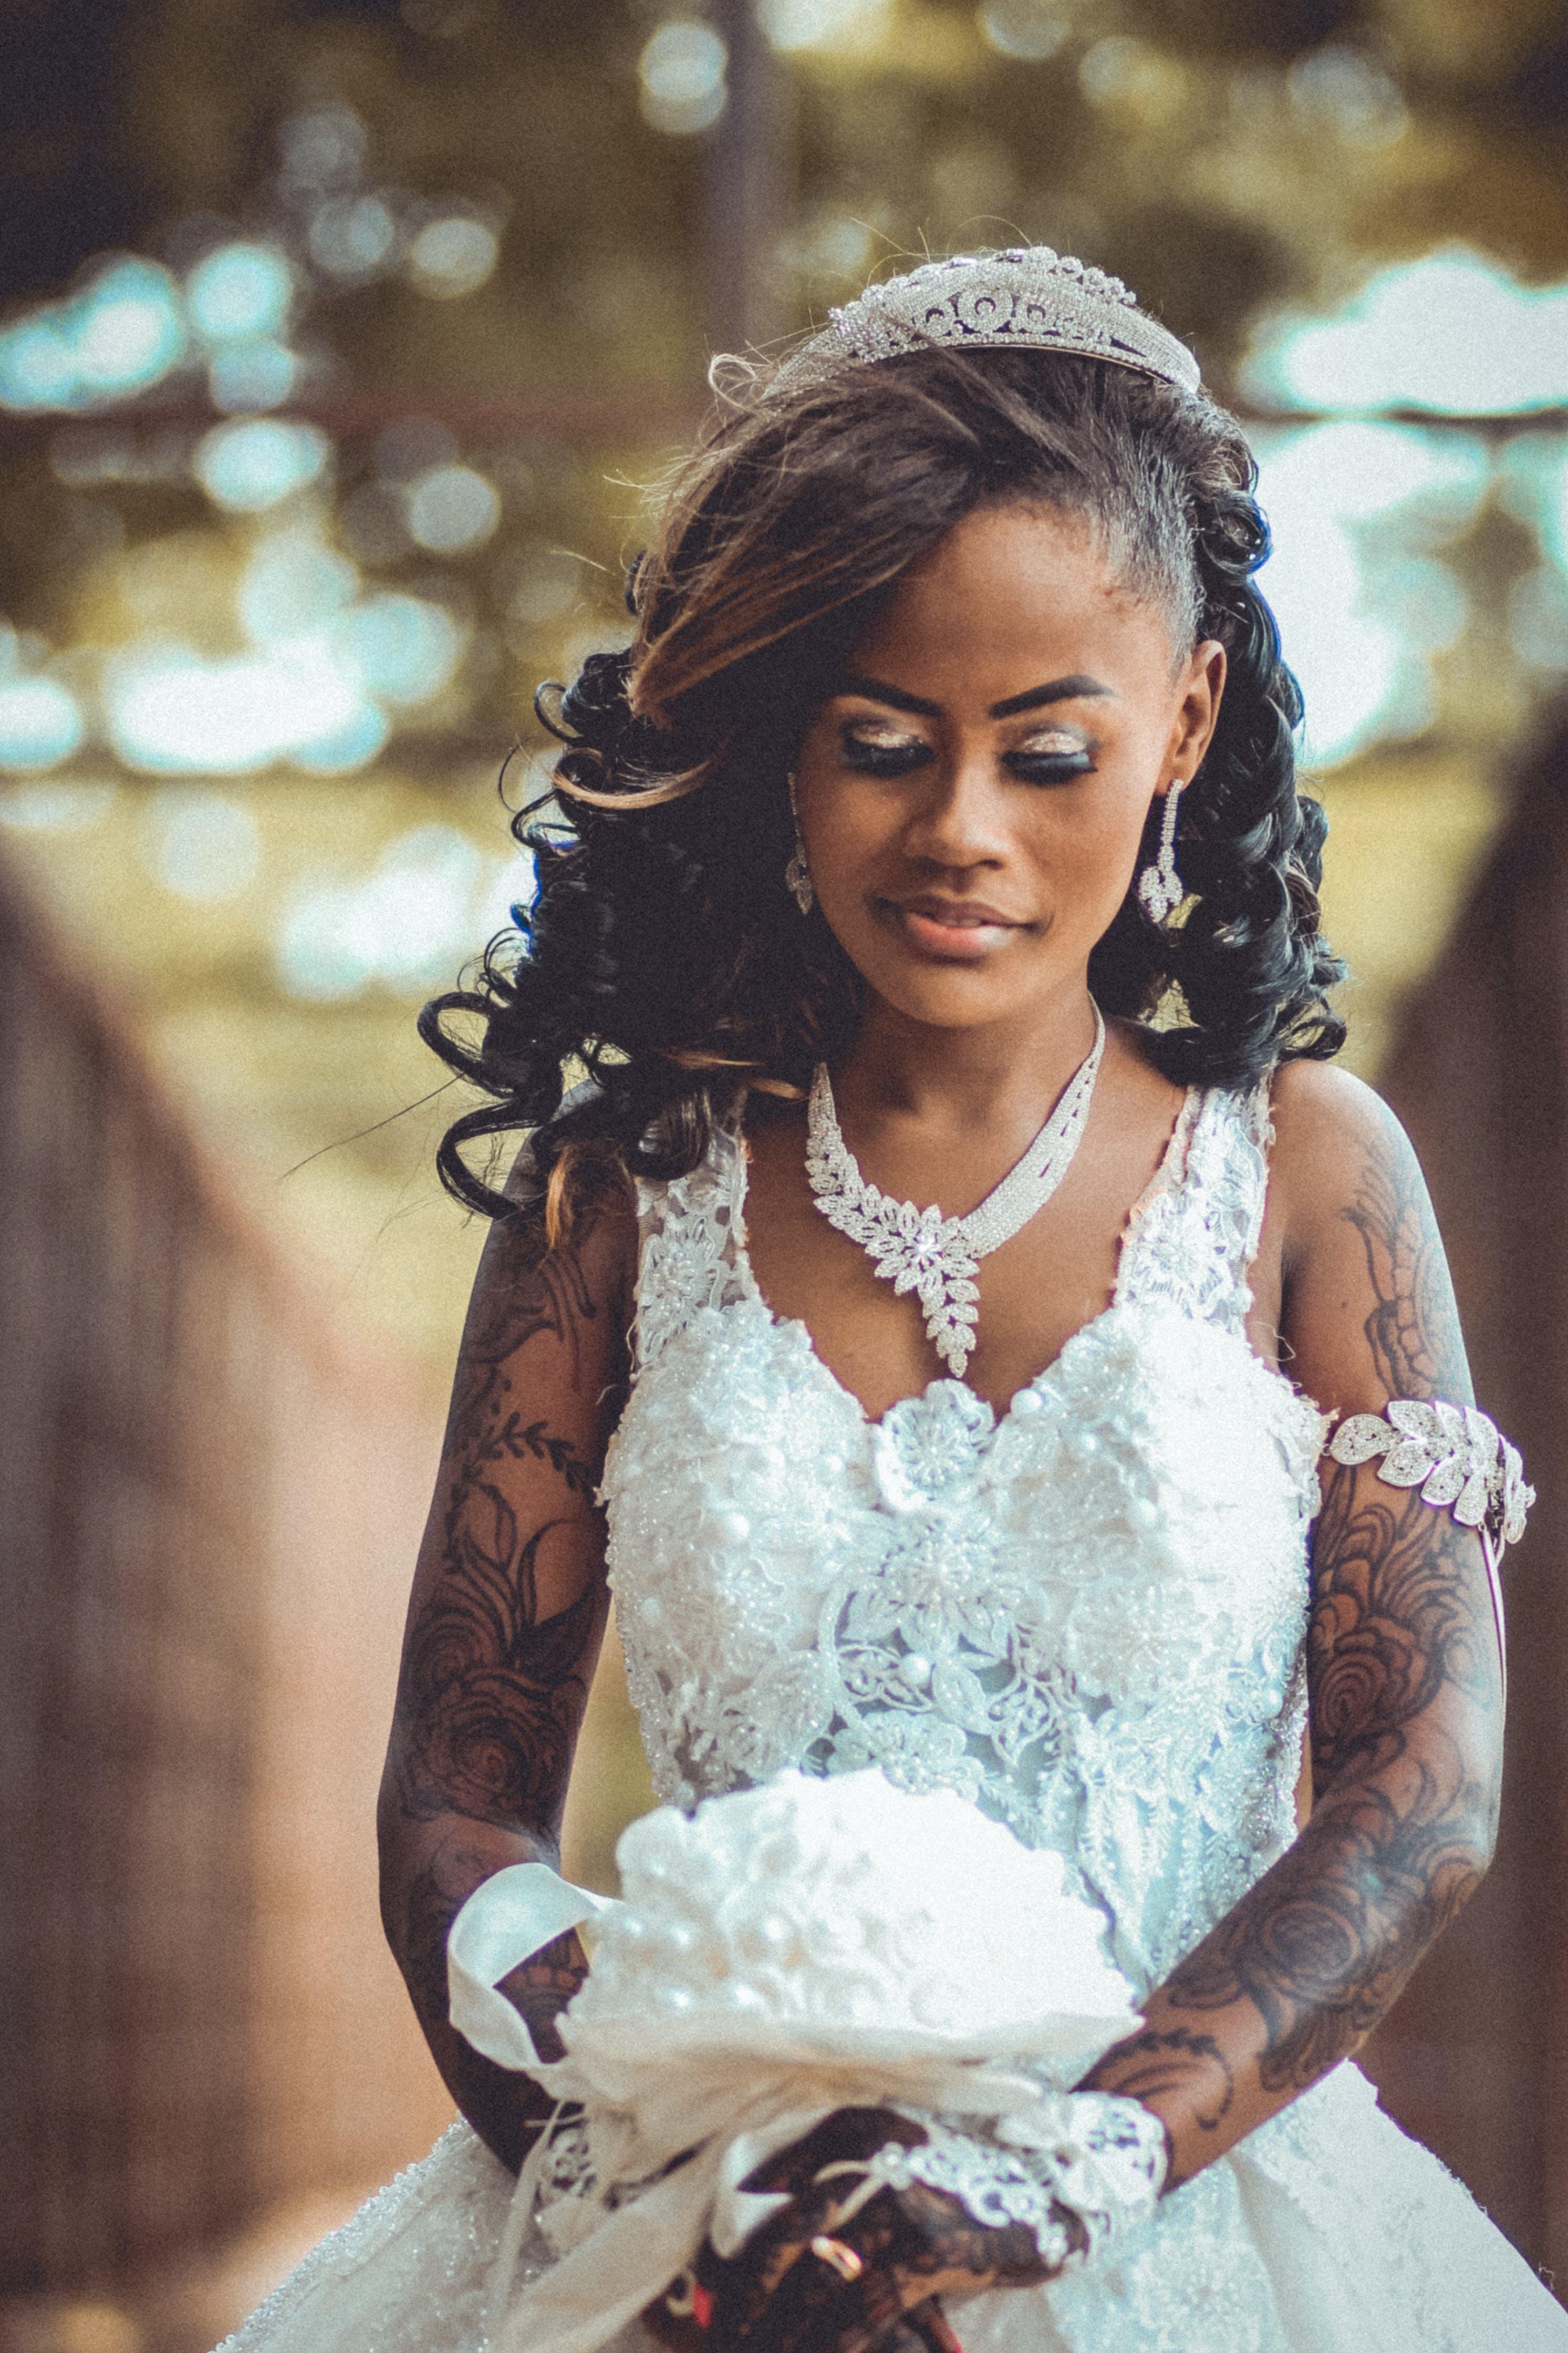 Δωρεάν στοκ φωτογραφιών με tattoo, ανθοδέσμη, άνθρωπος, αφροαμερικάνα γυναίκα